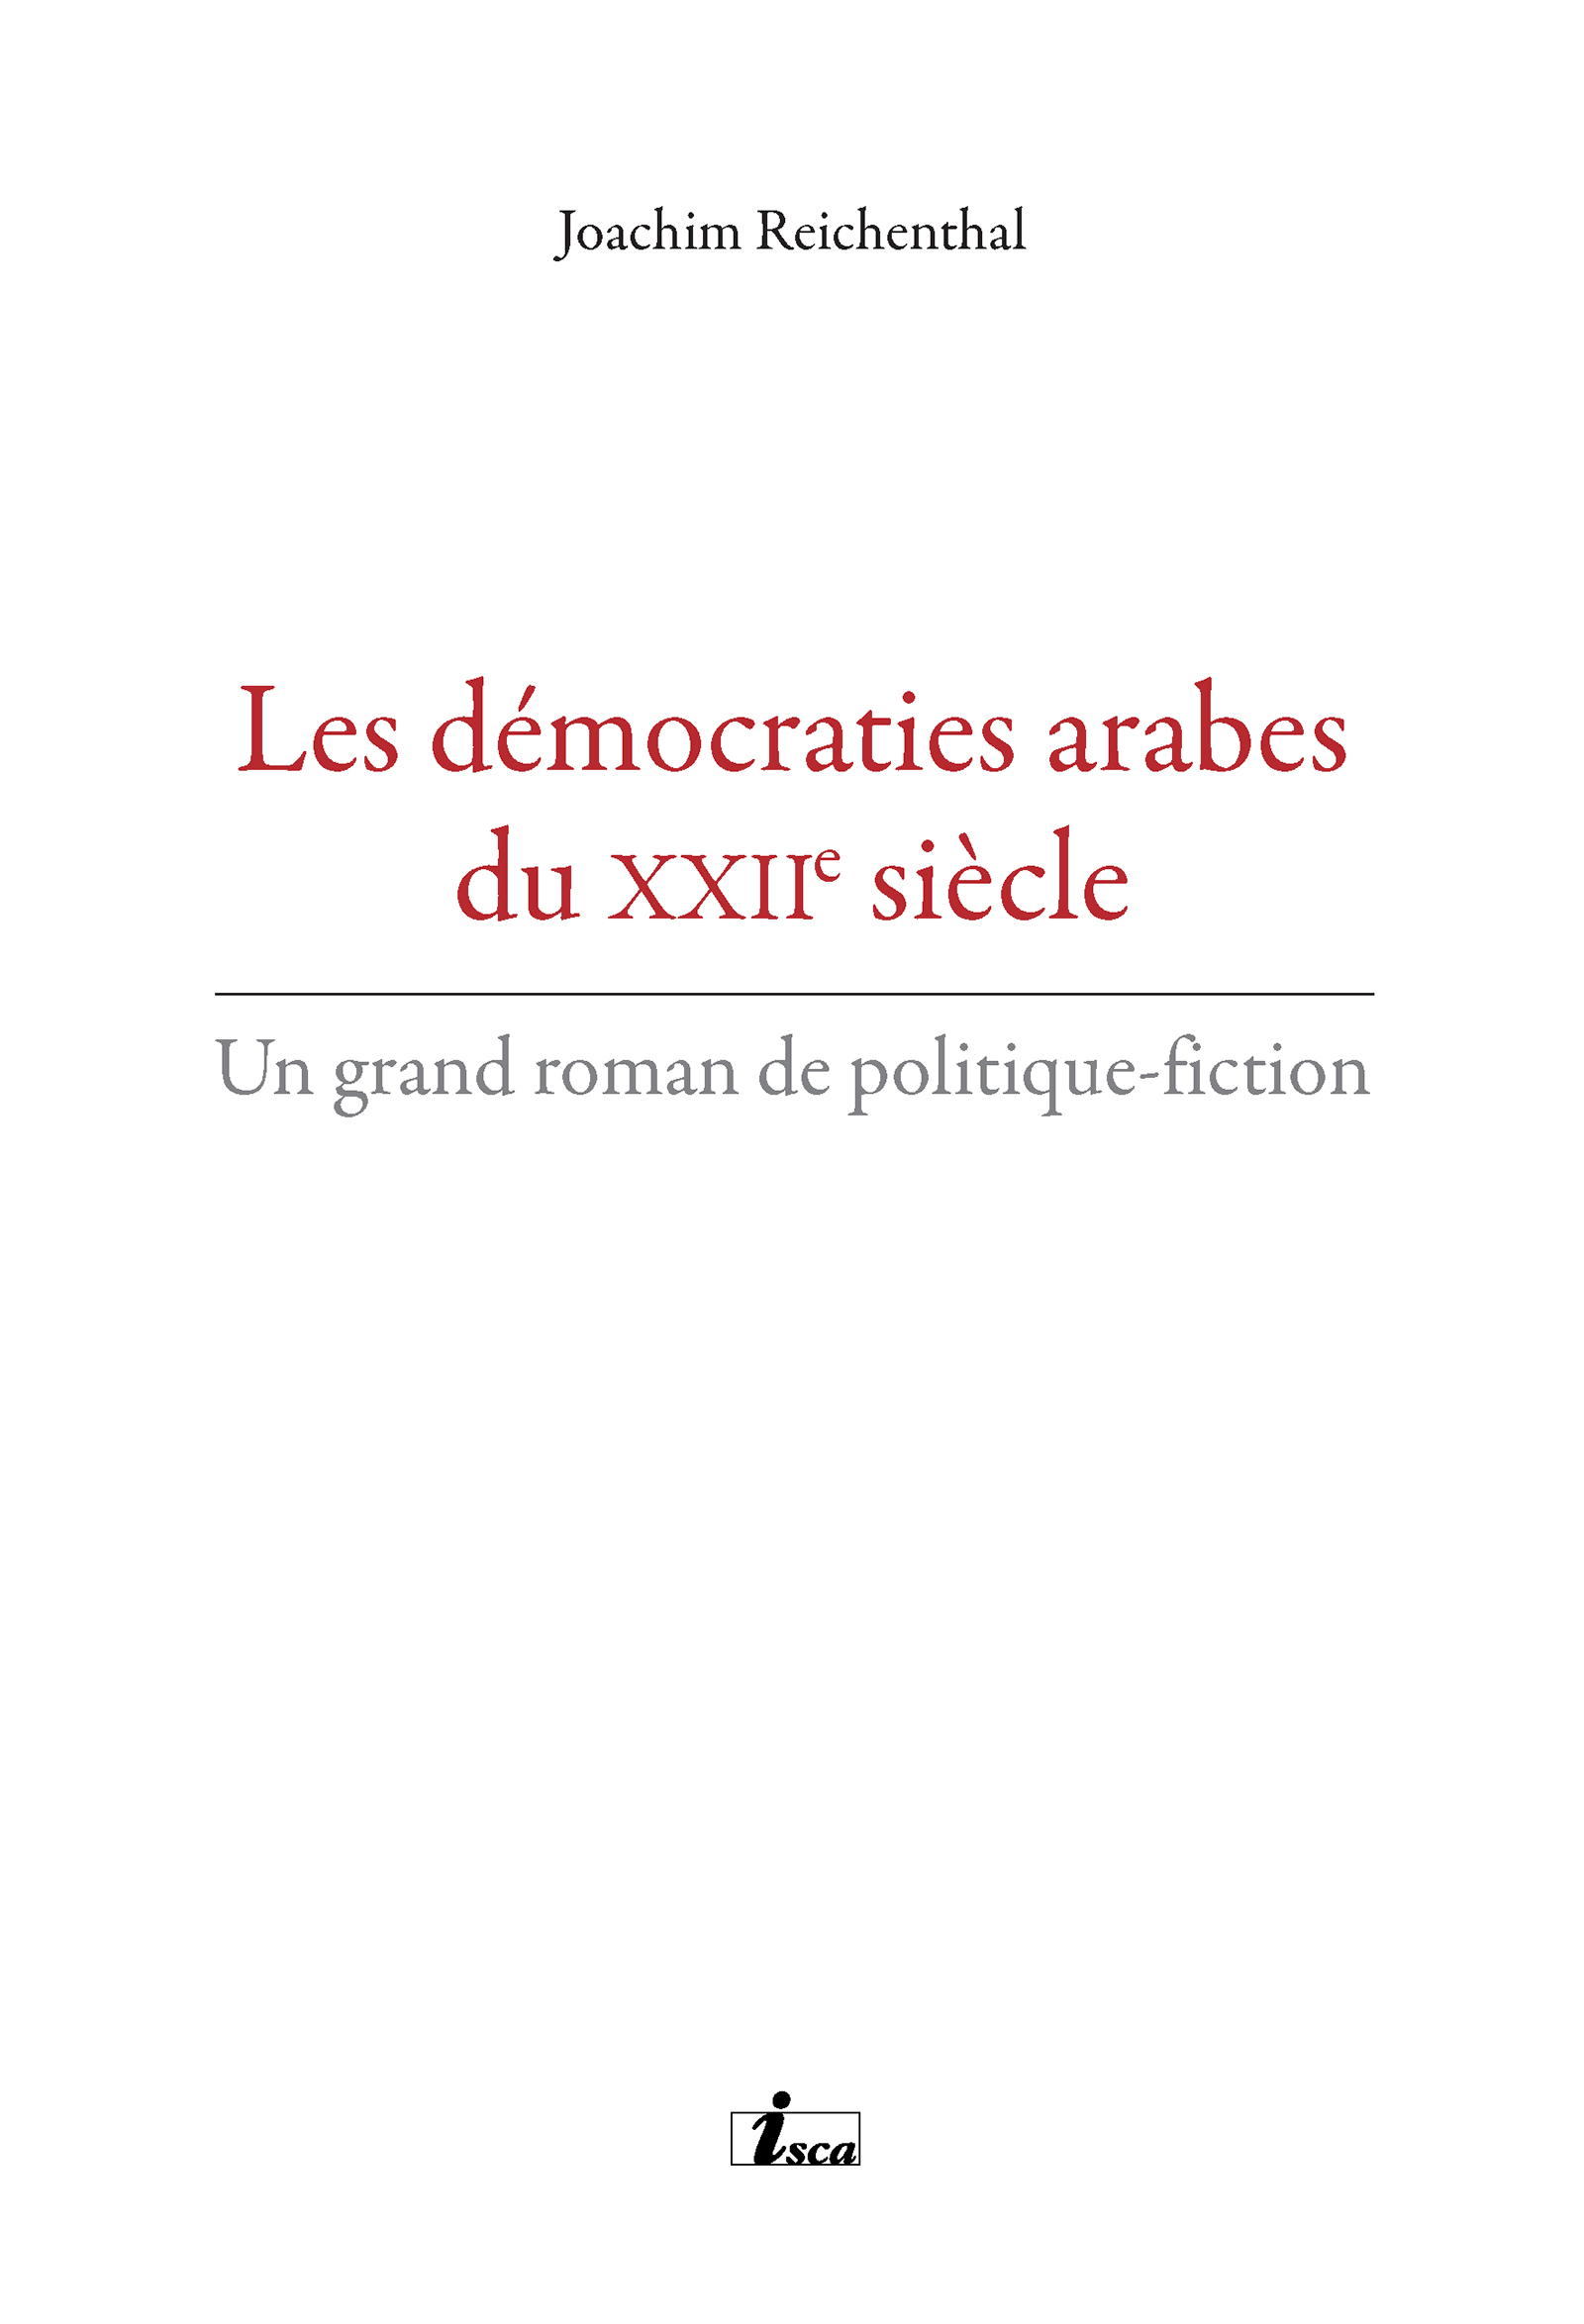 Les démocraties arabes du XXIIe siècle